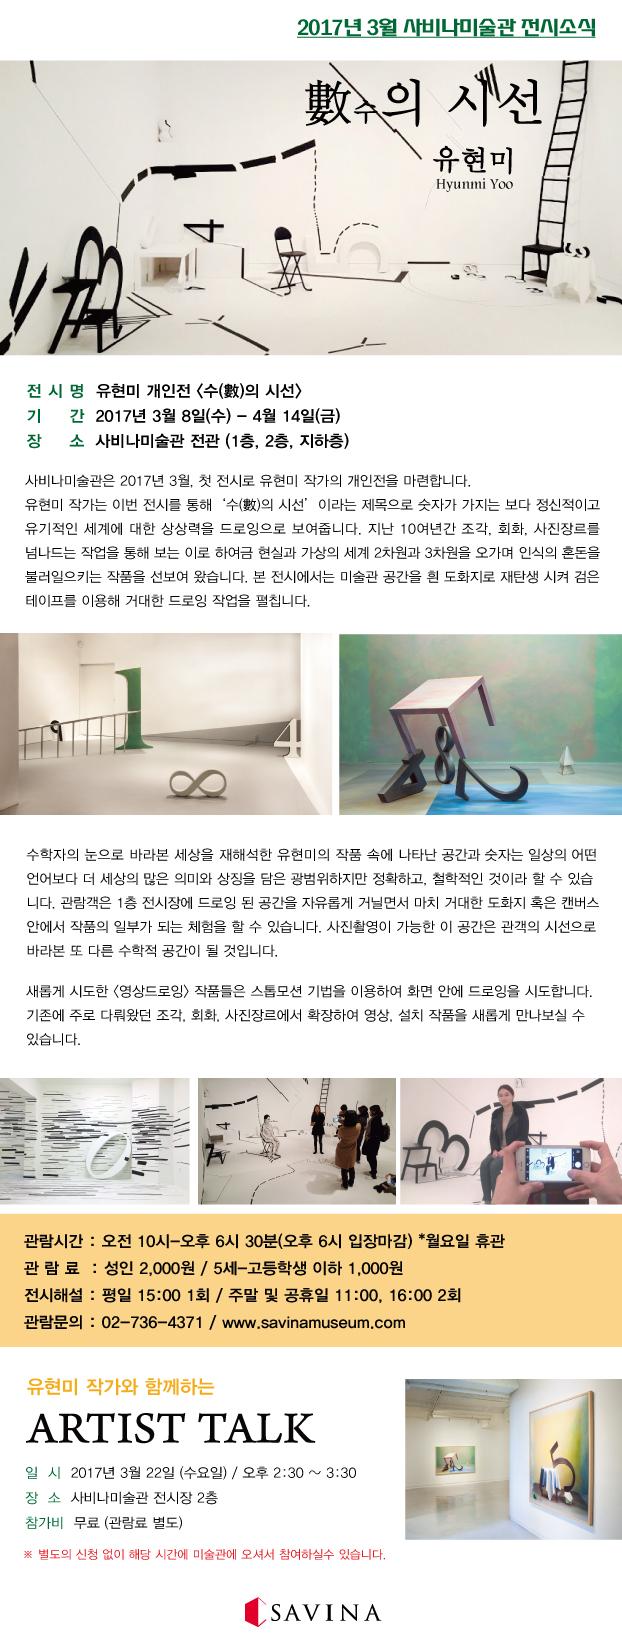 [유현미]-홍보시안_날짜수정.jpg